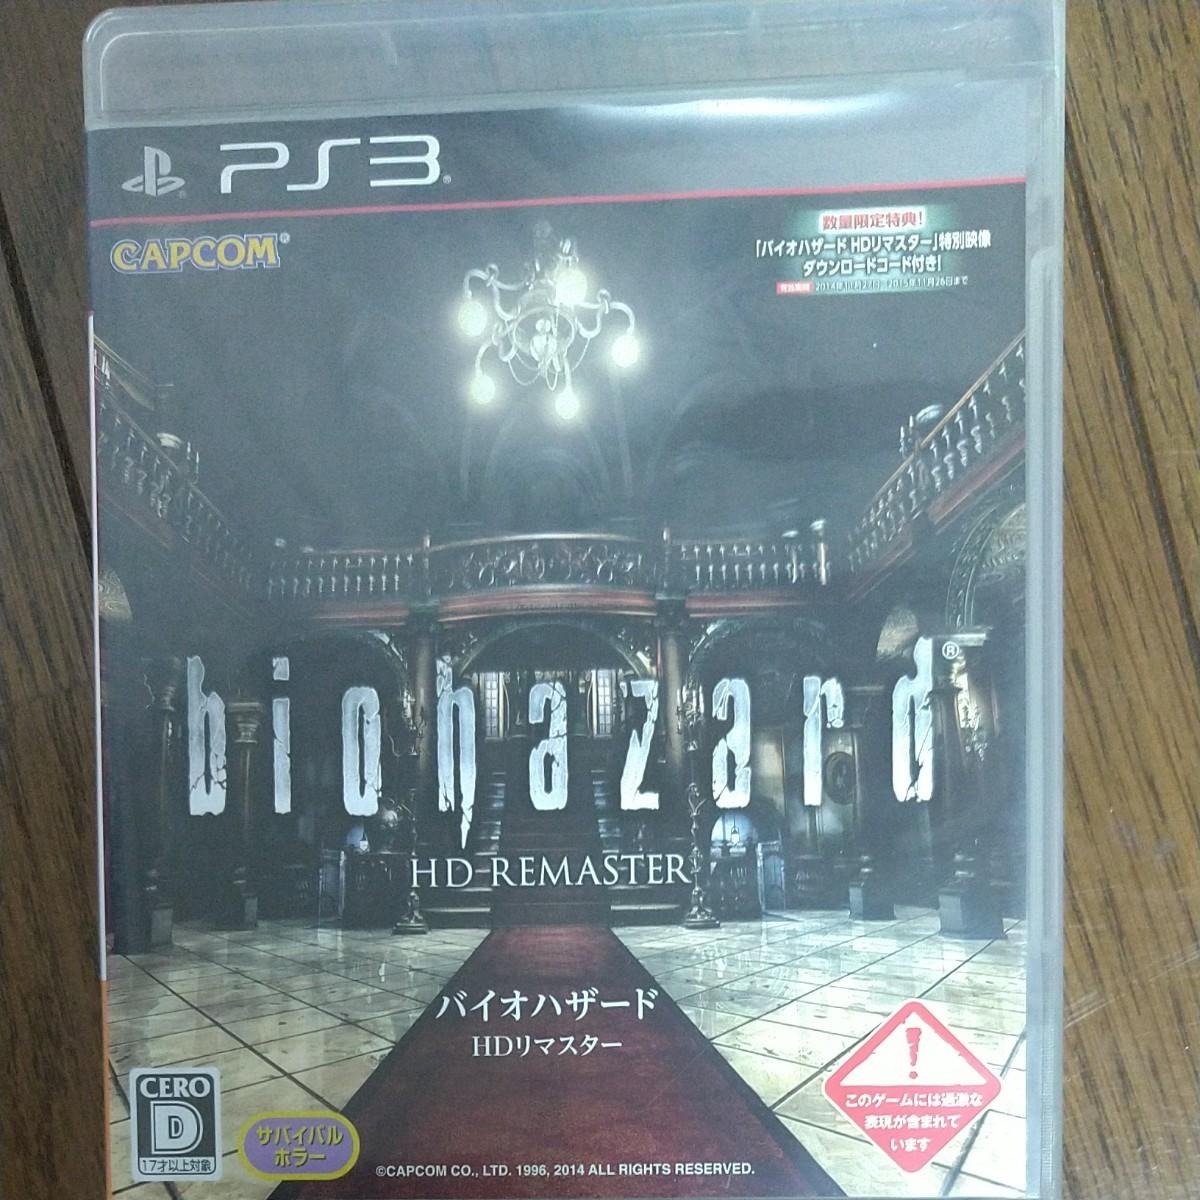 【PS3】 バイオハザード HDリマスター [通常版]